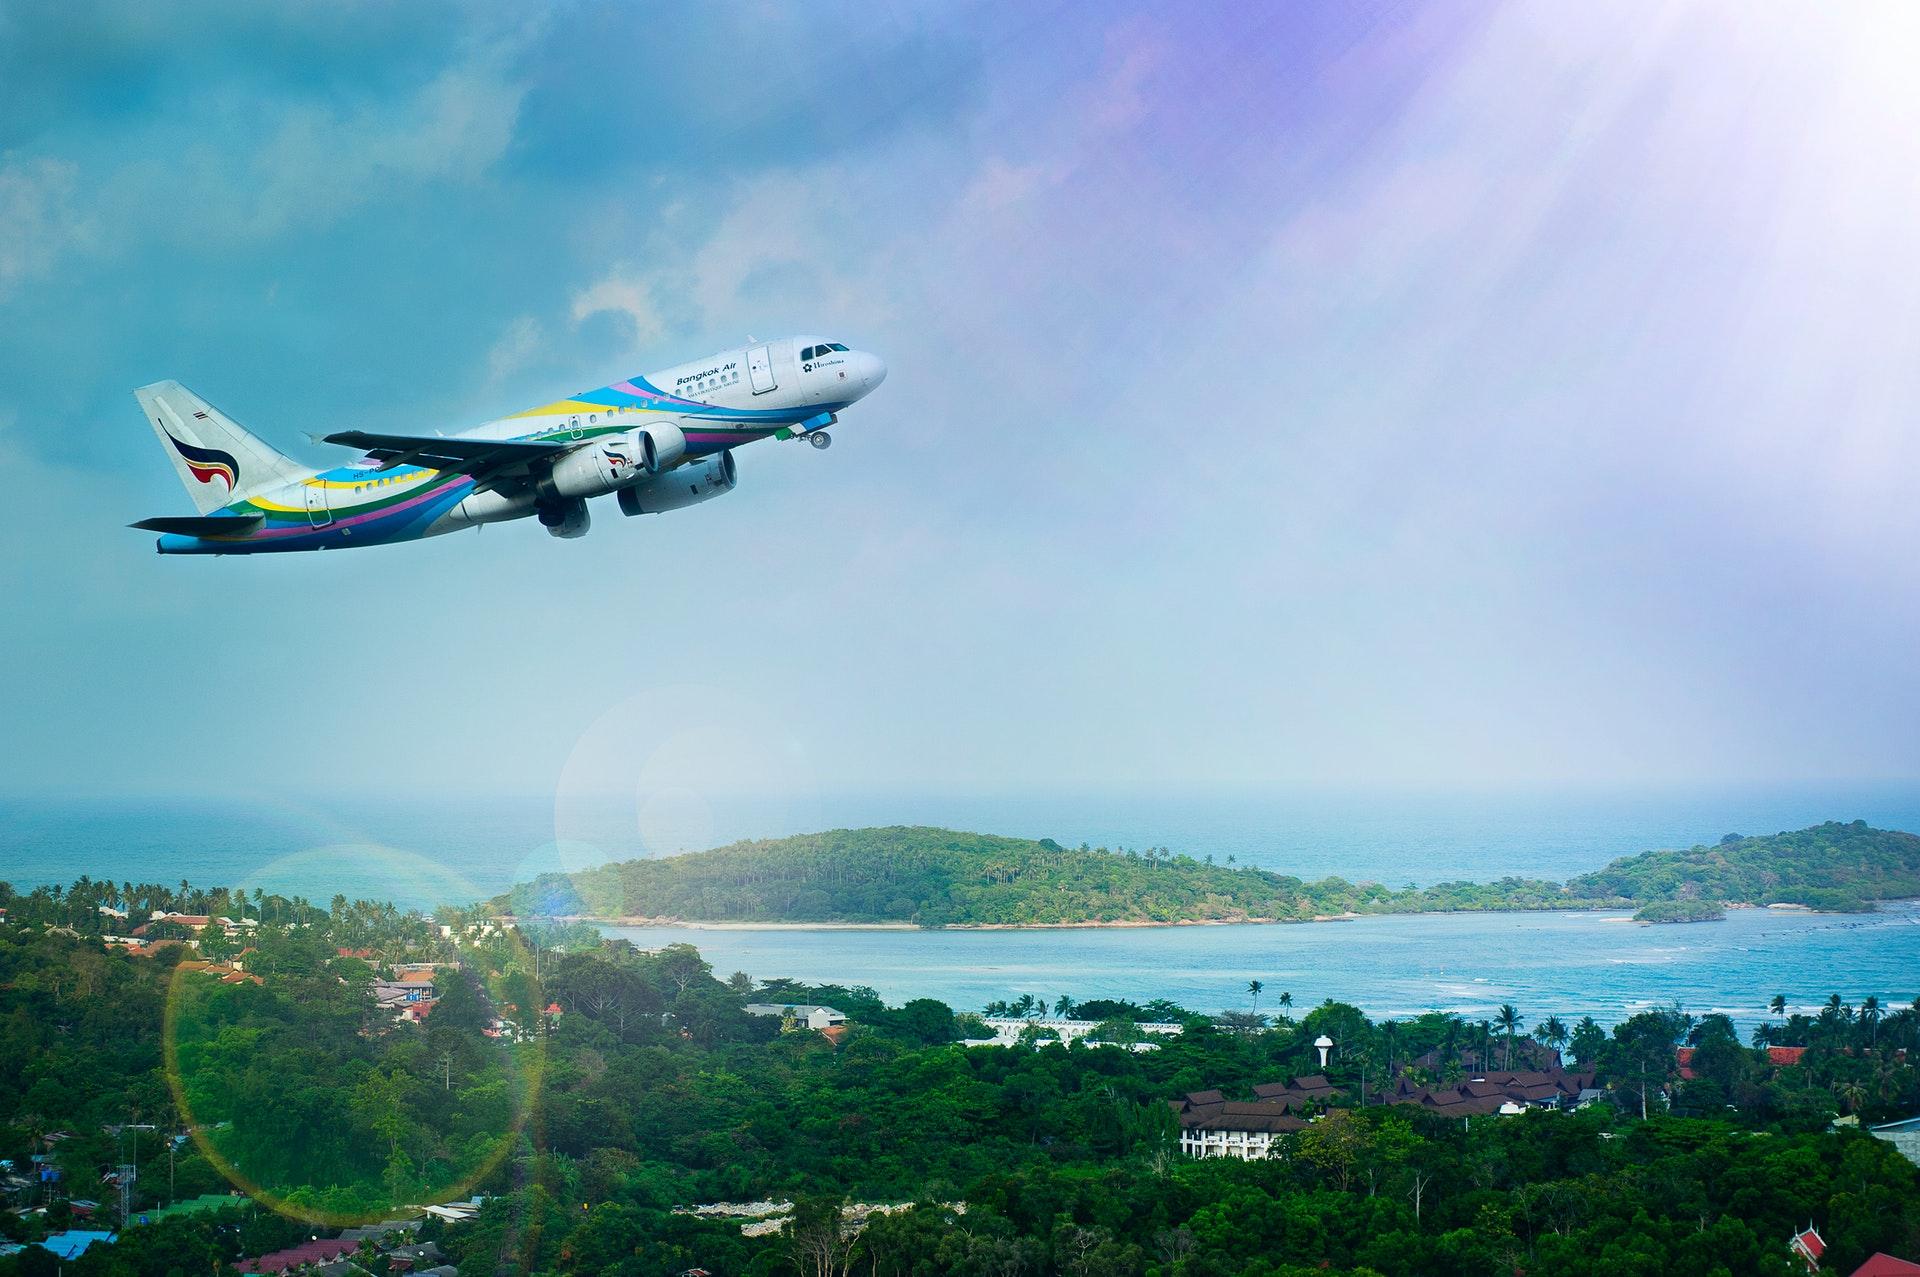 Vemos um avião no céu e uma praia ao fundo (imagem ilustrativa). Texto: investir meu dinheiro de forma segura.